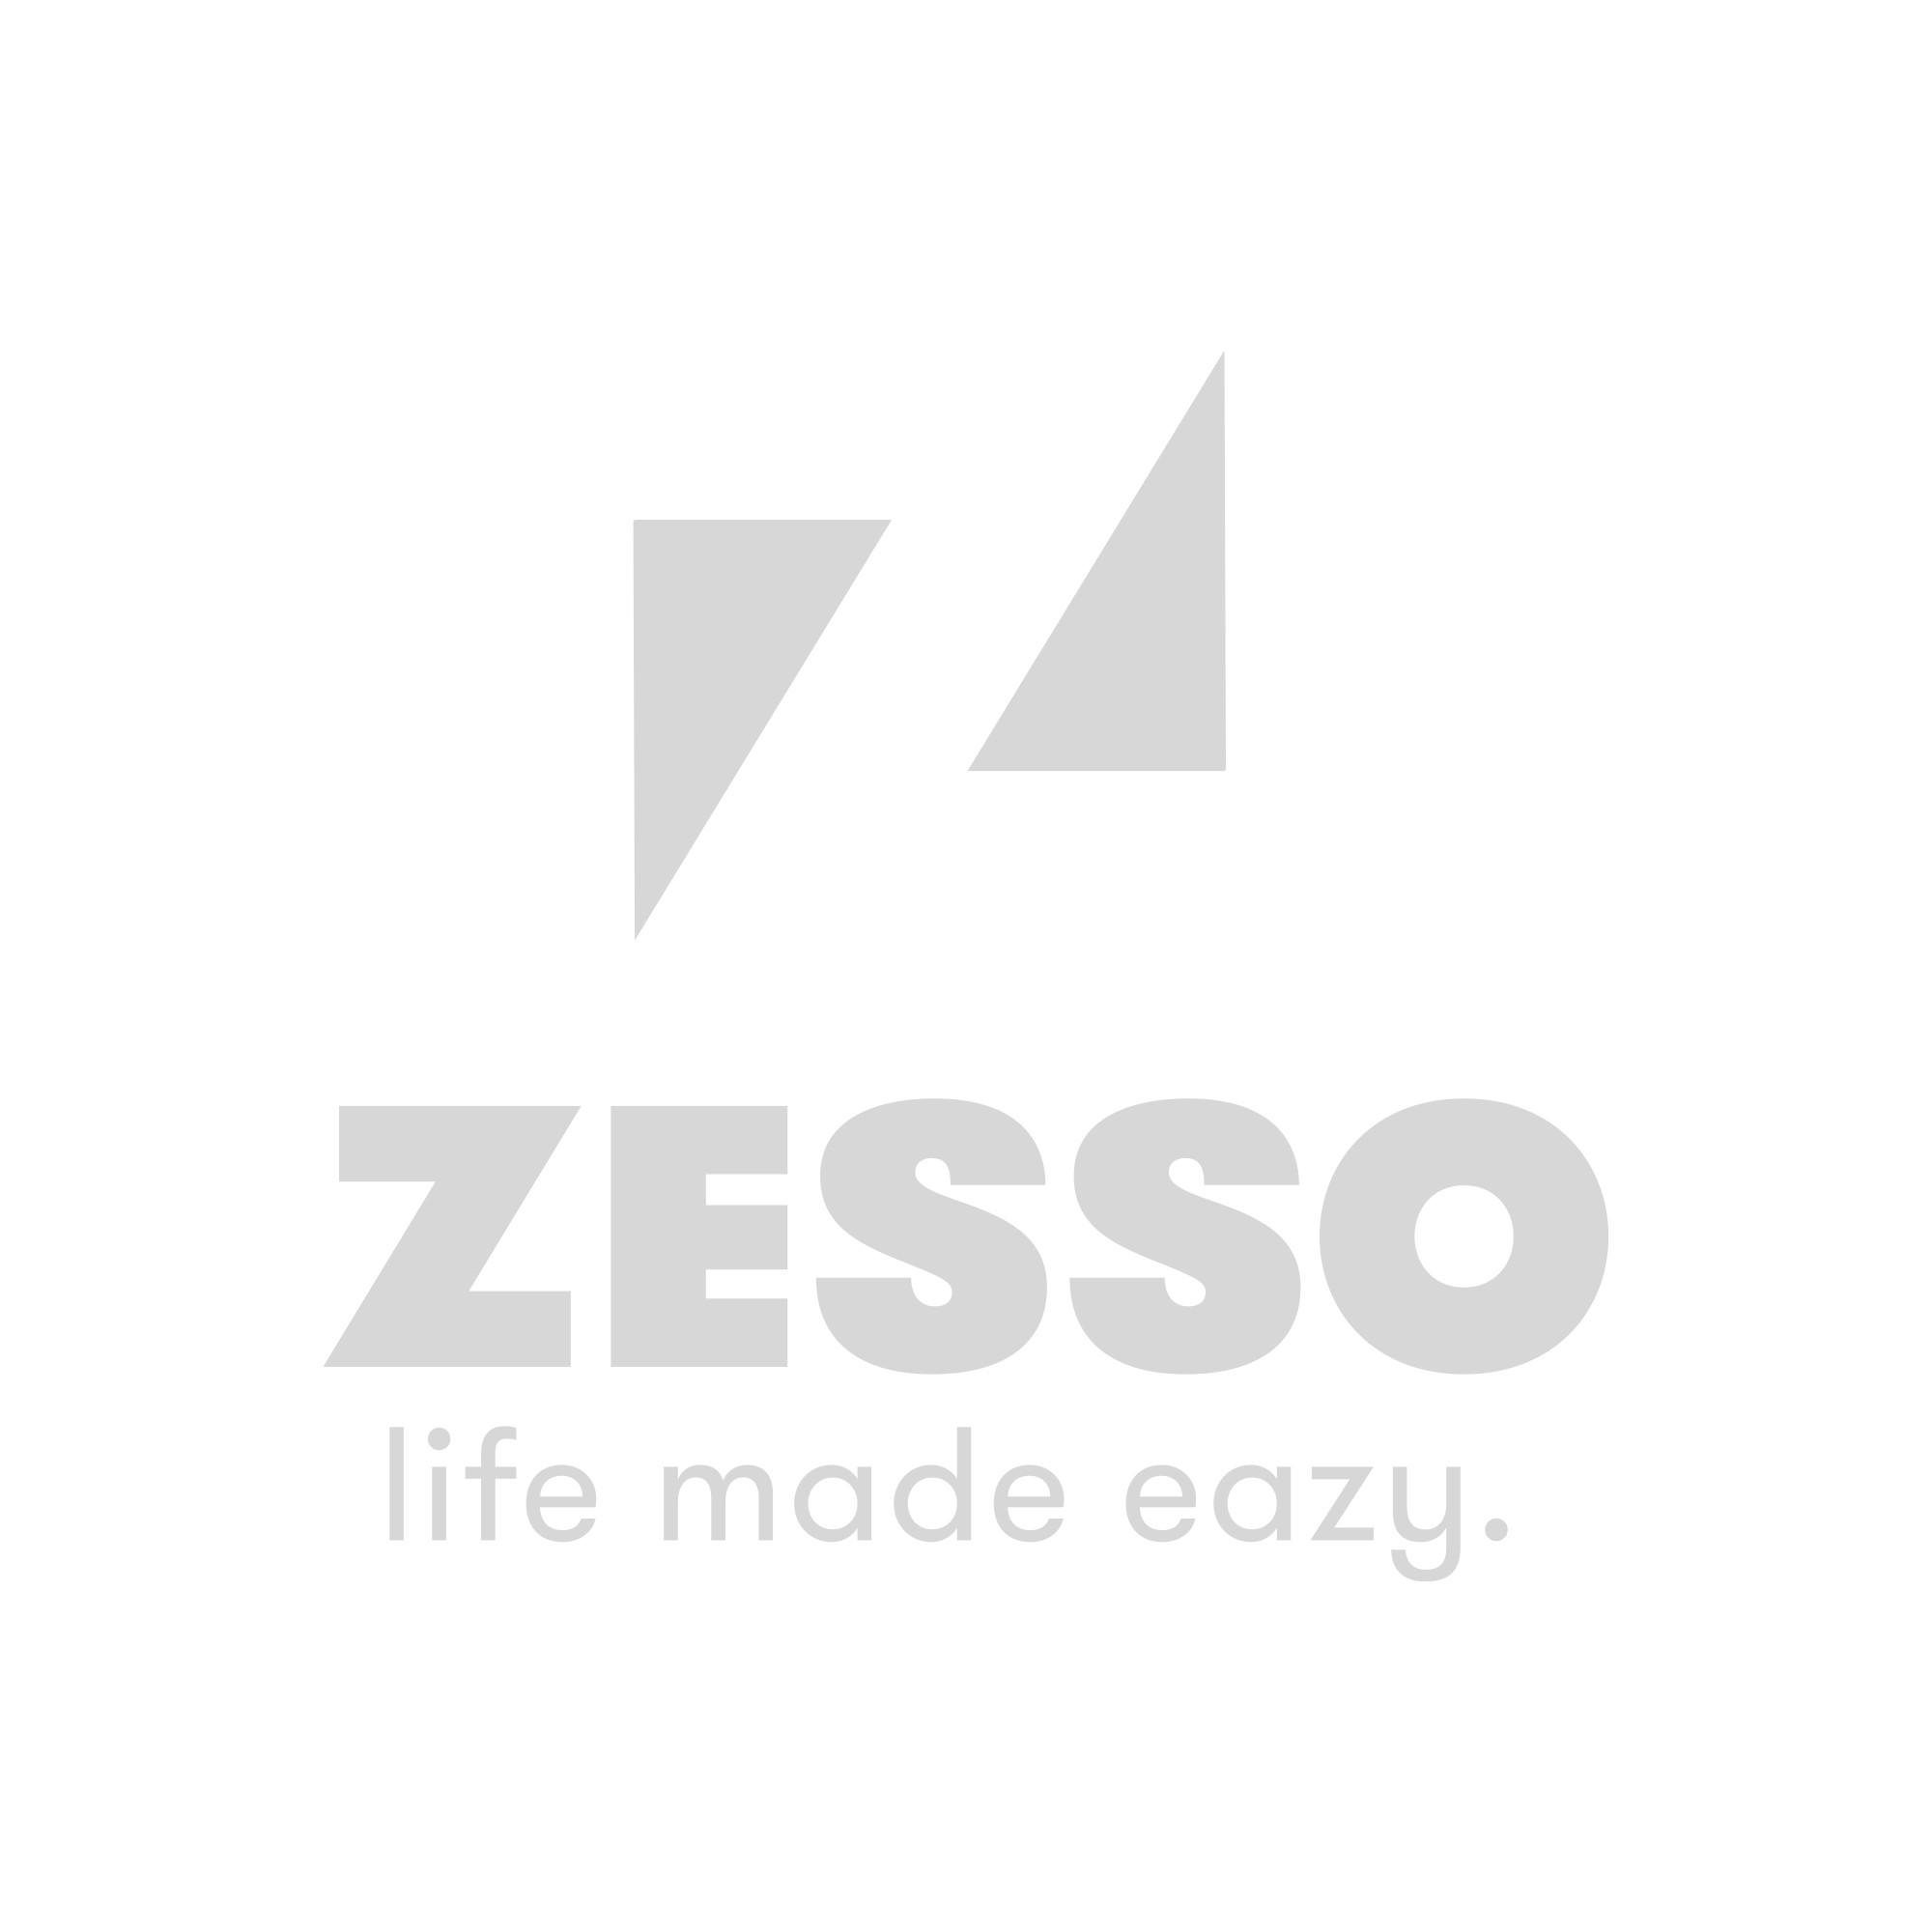 Flow Détecteur De Fumée Owl - Rosie